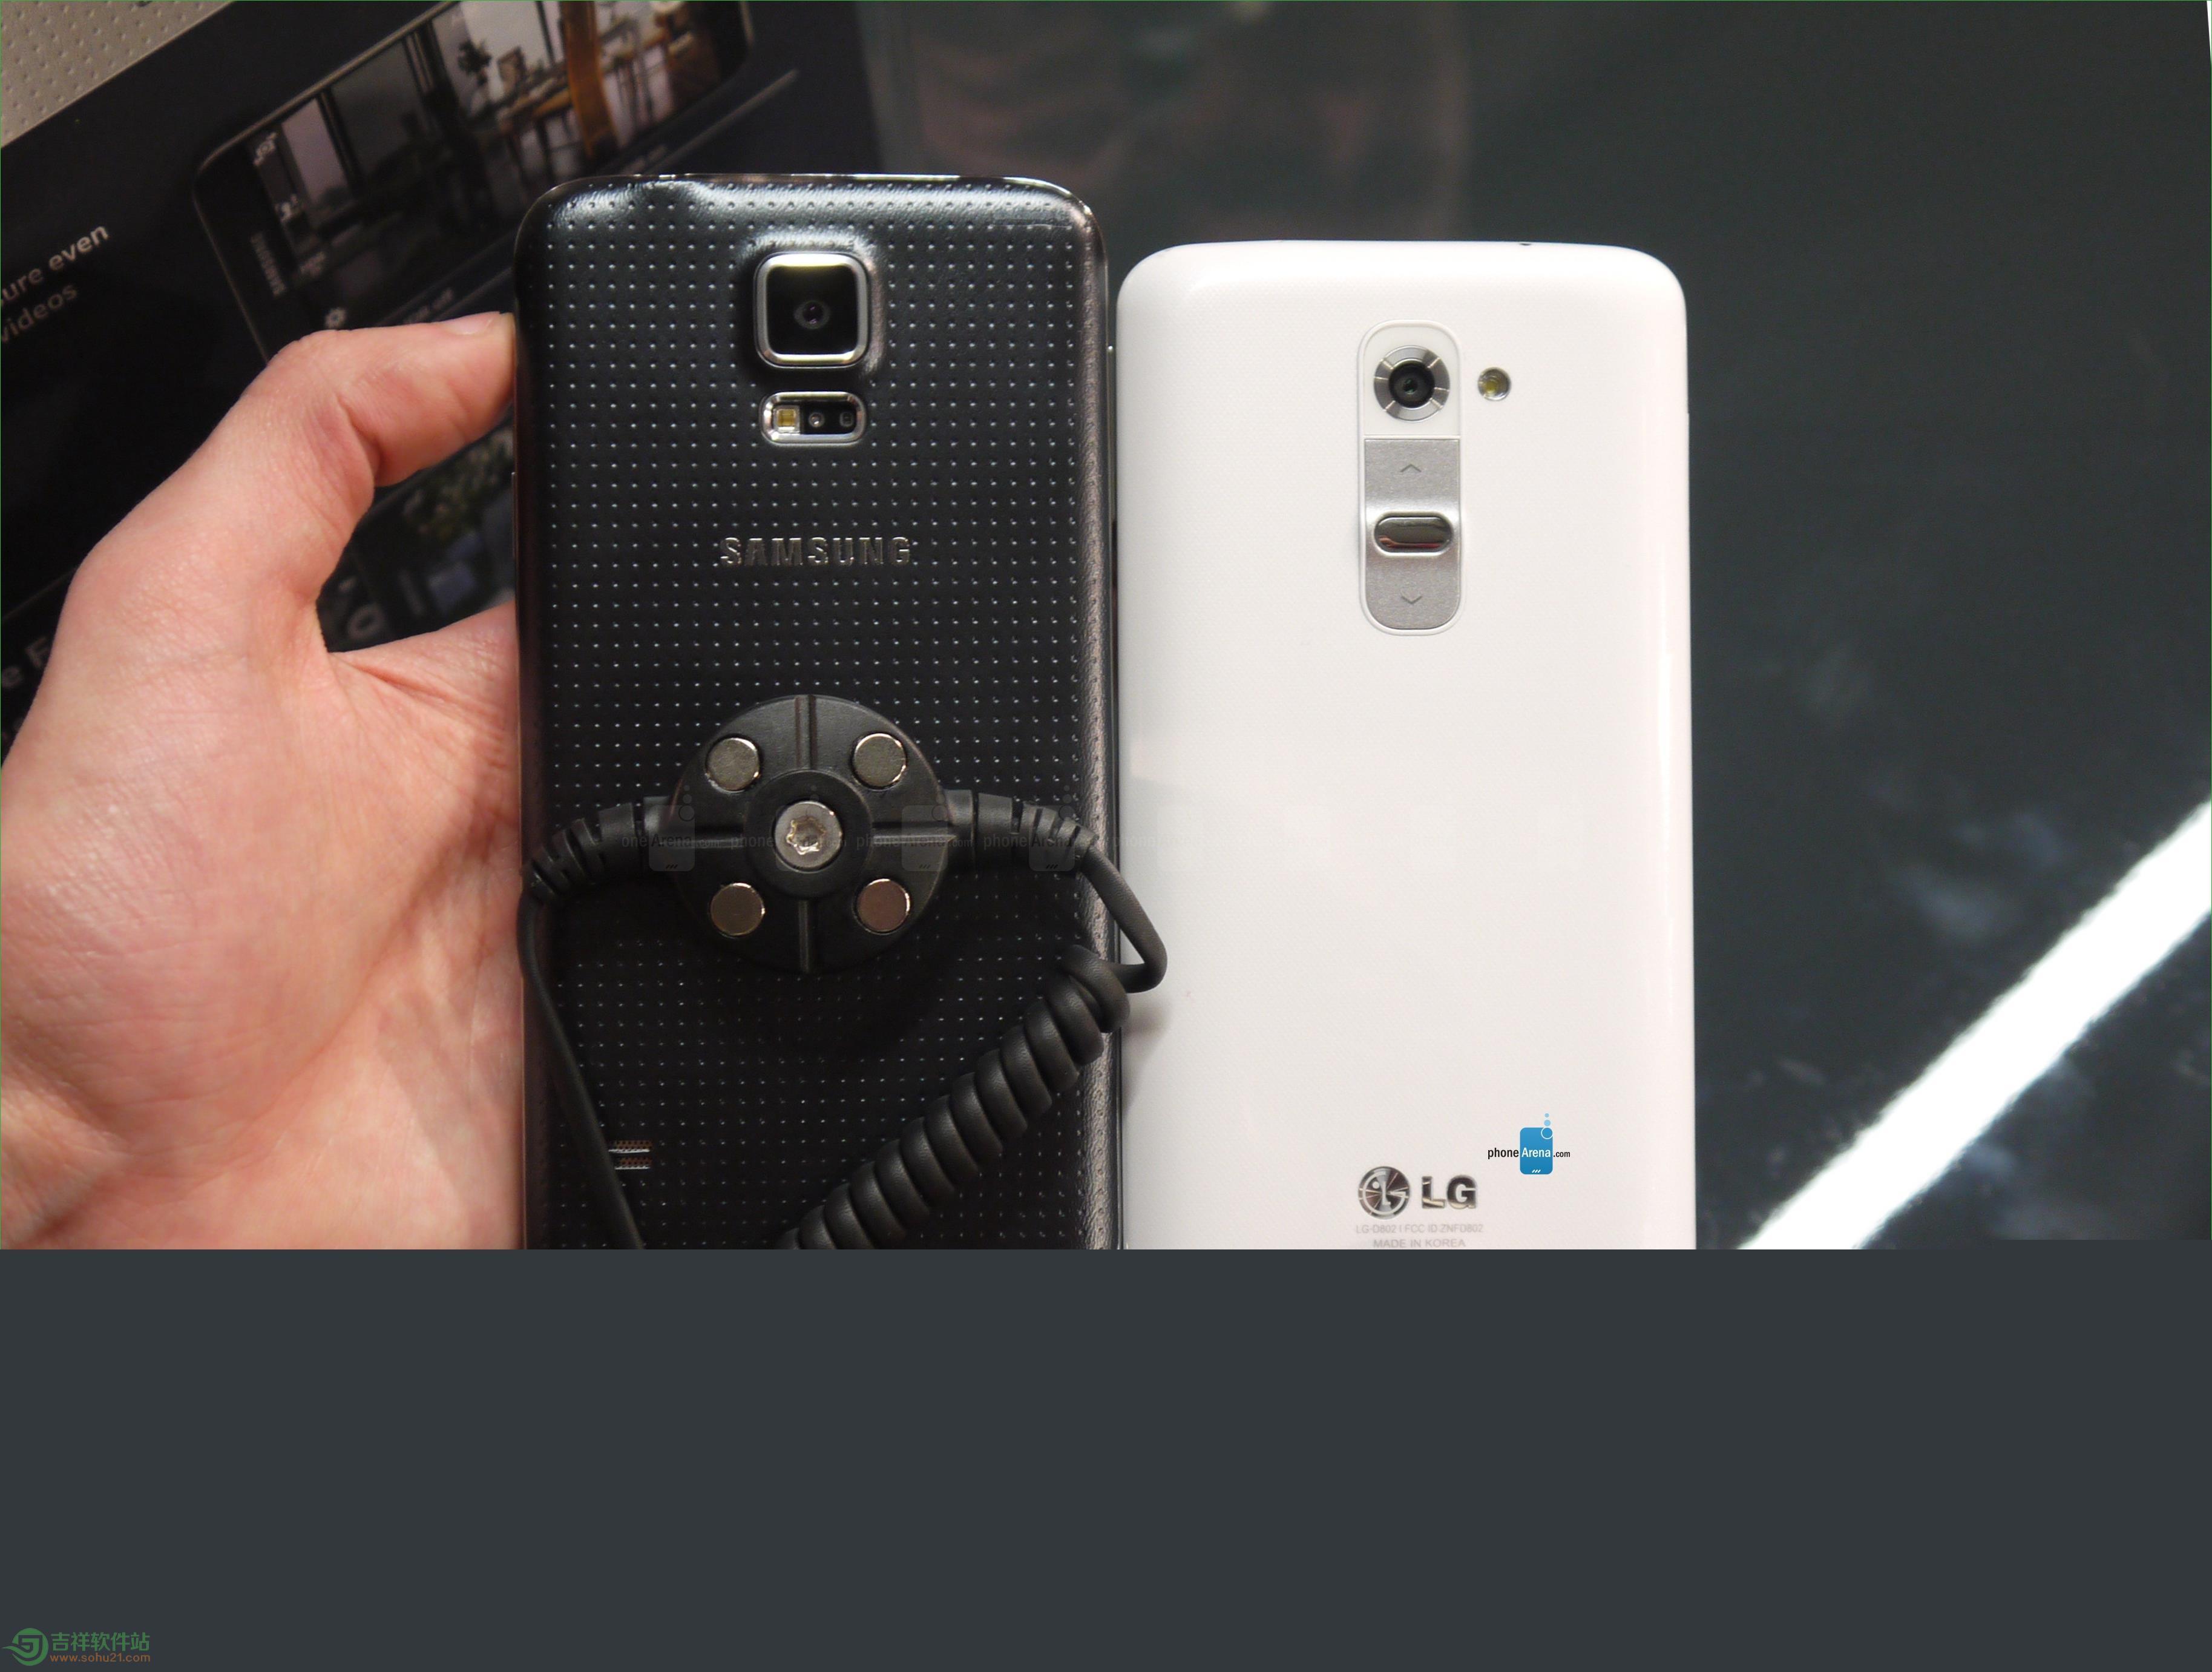 LG G2和三星S5买哪个好? LG G2和三星S5对比图文评测[多图]